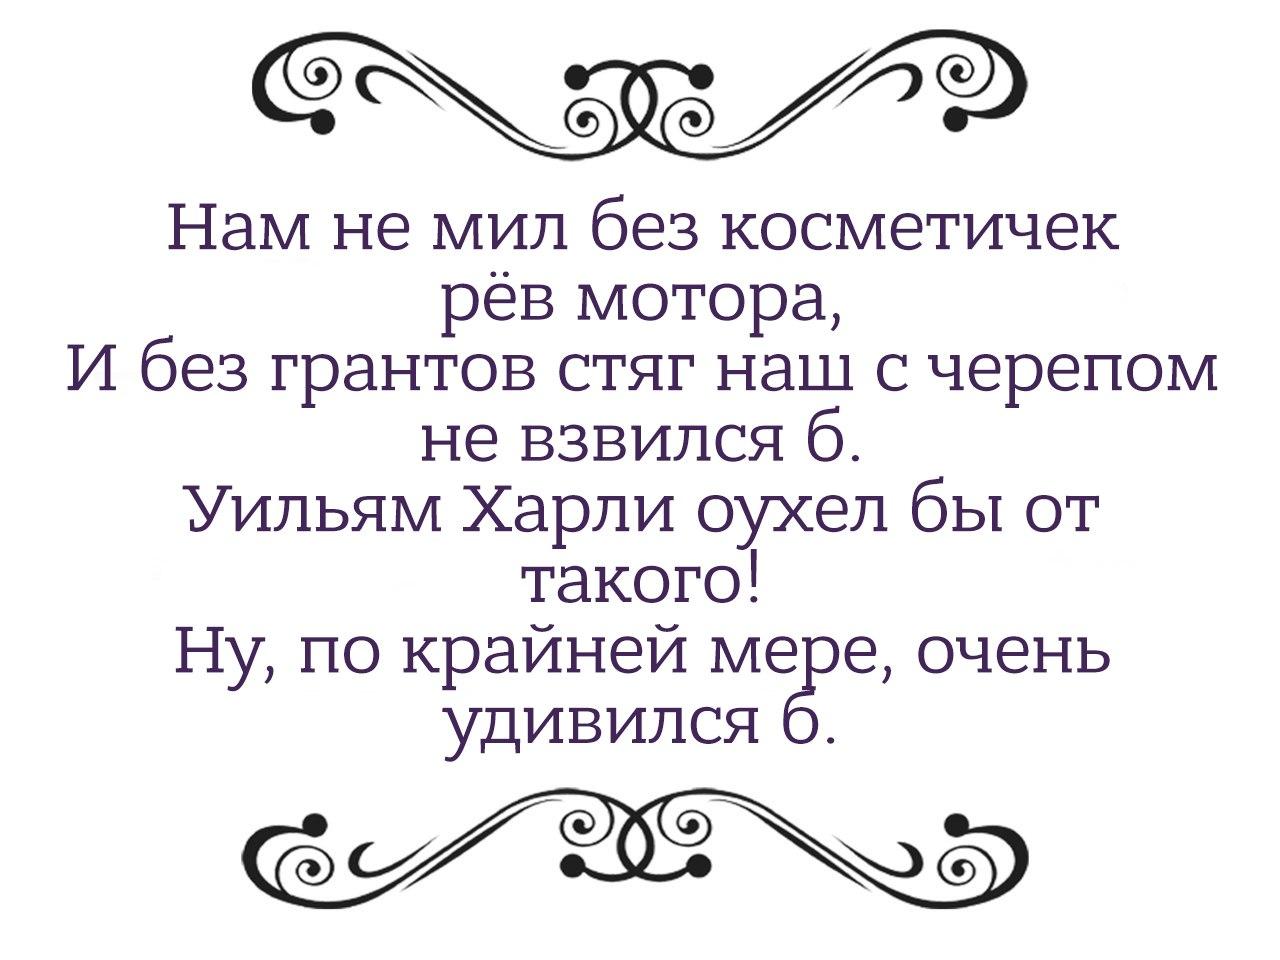 https://pp.vk.me/c543106/v543106563/43ec/V4VFr1Sknyk.jpg